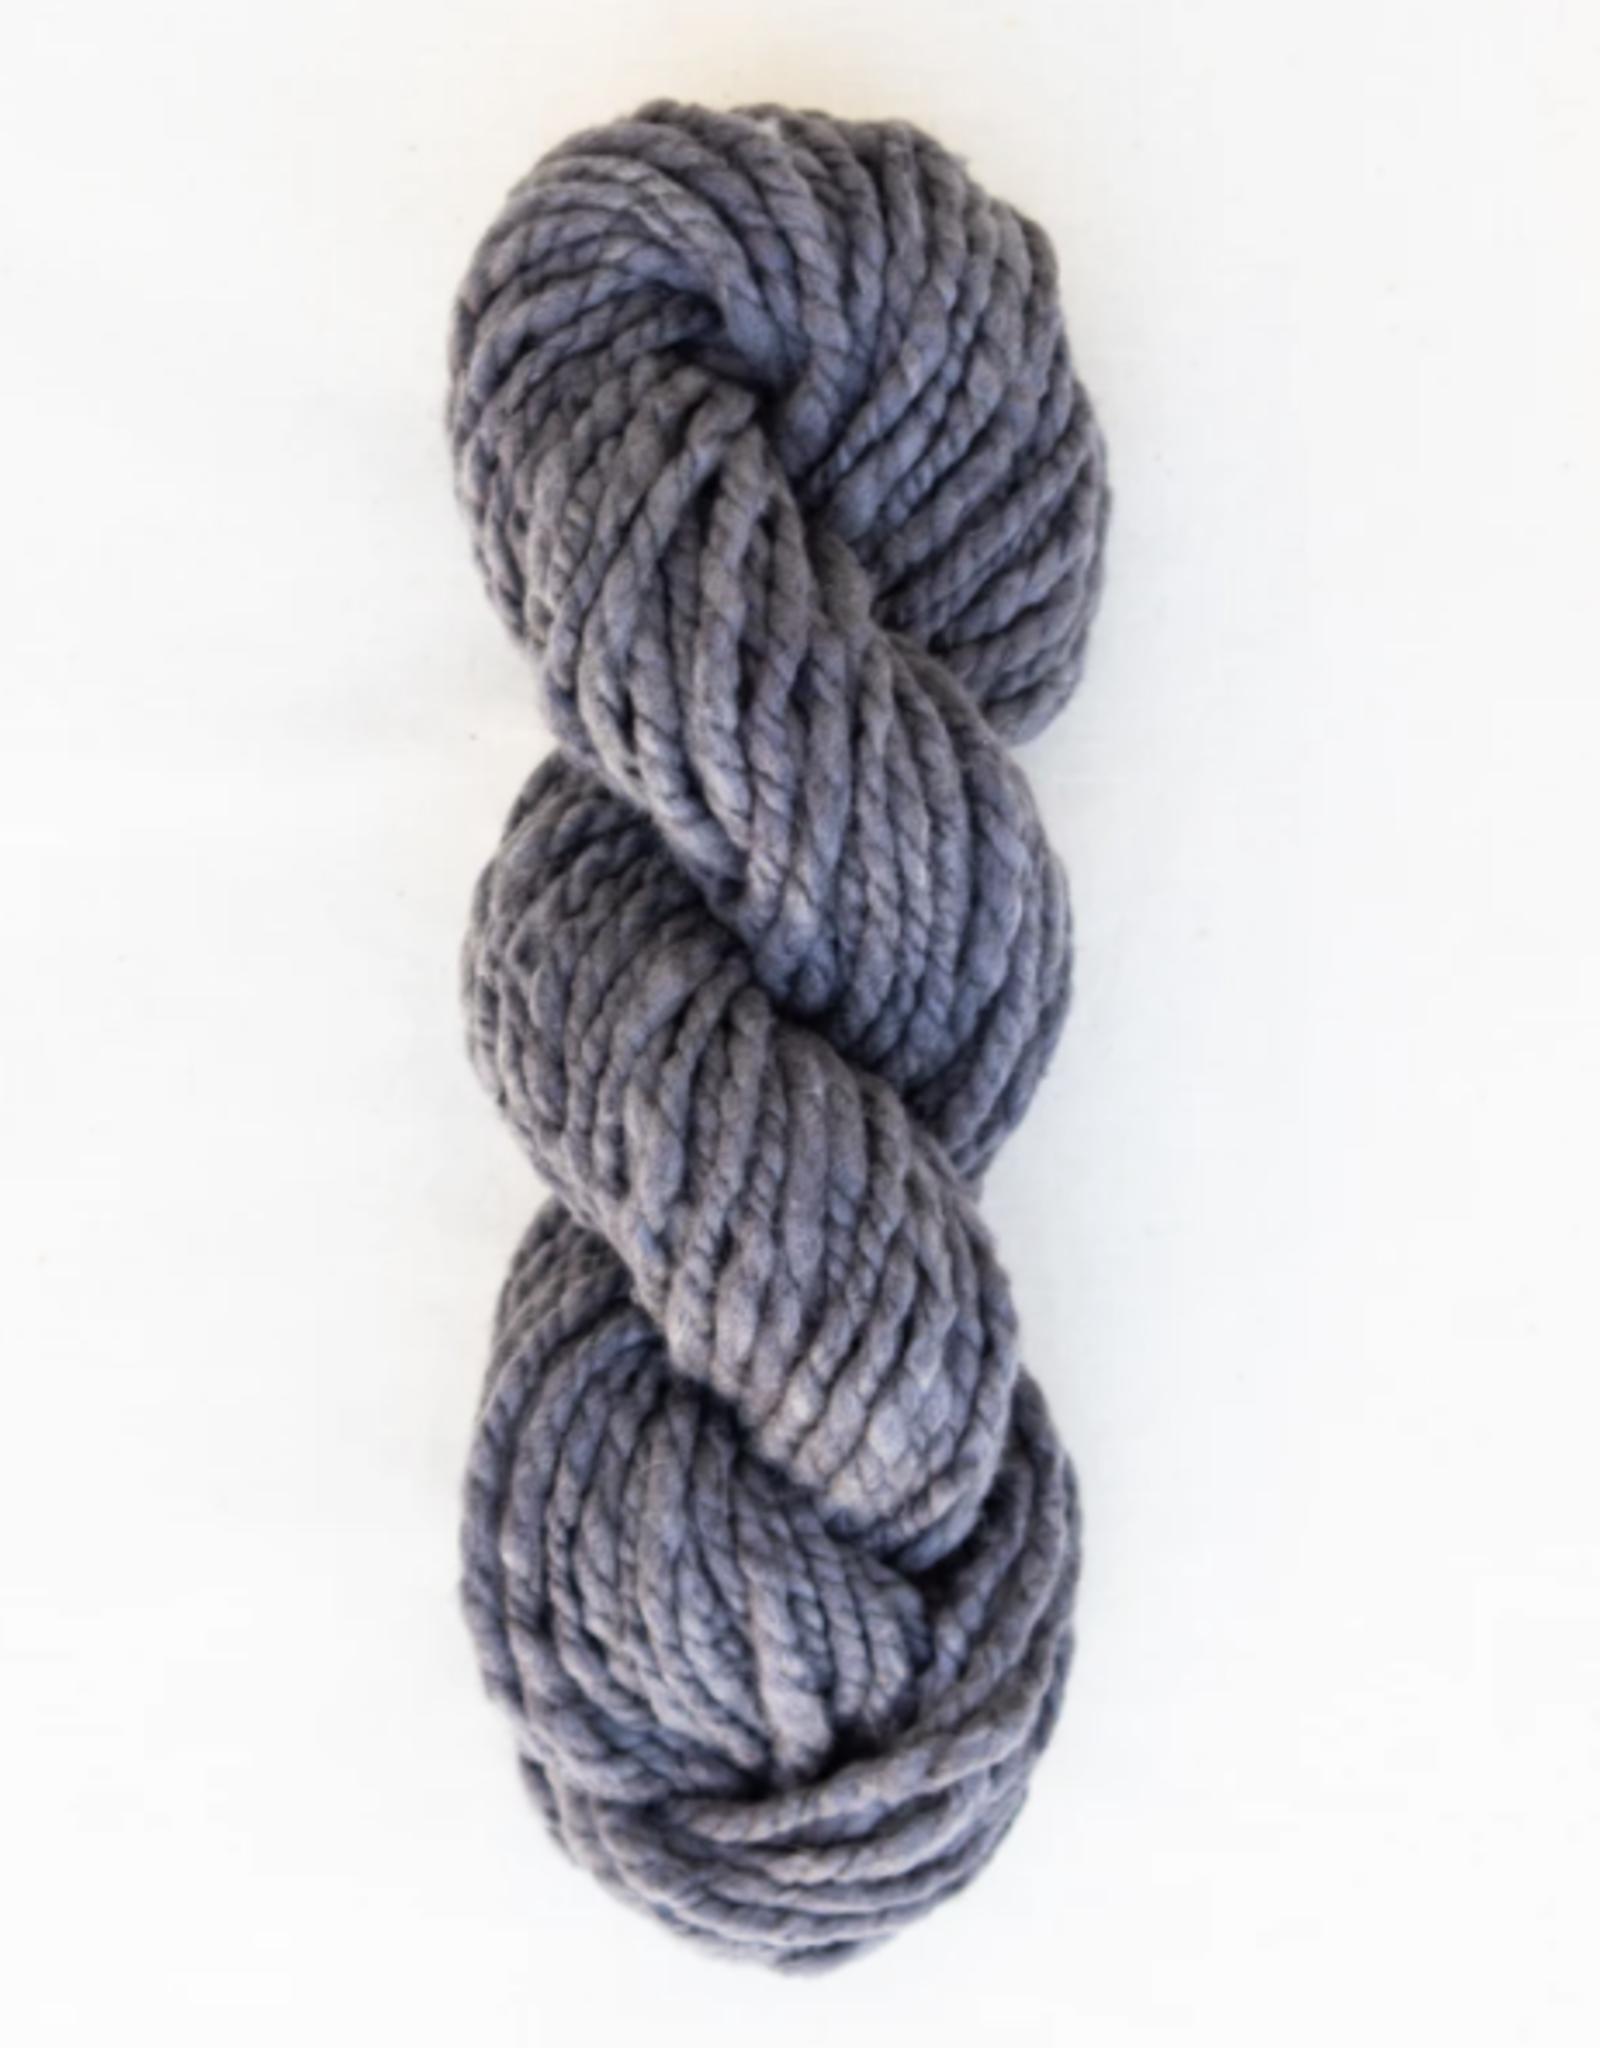 Handspun Hope Organic Merino Wool Super Bulky